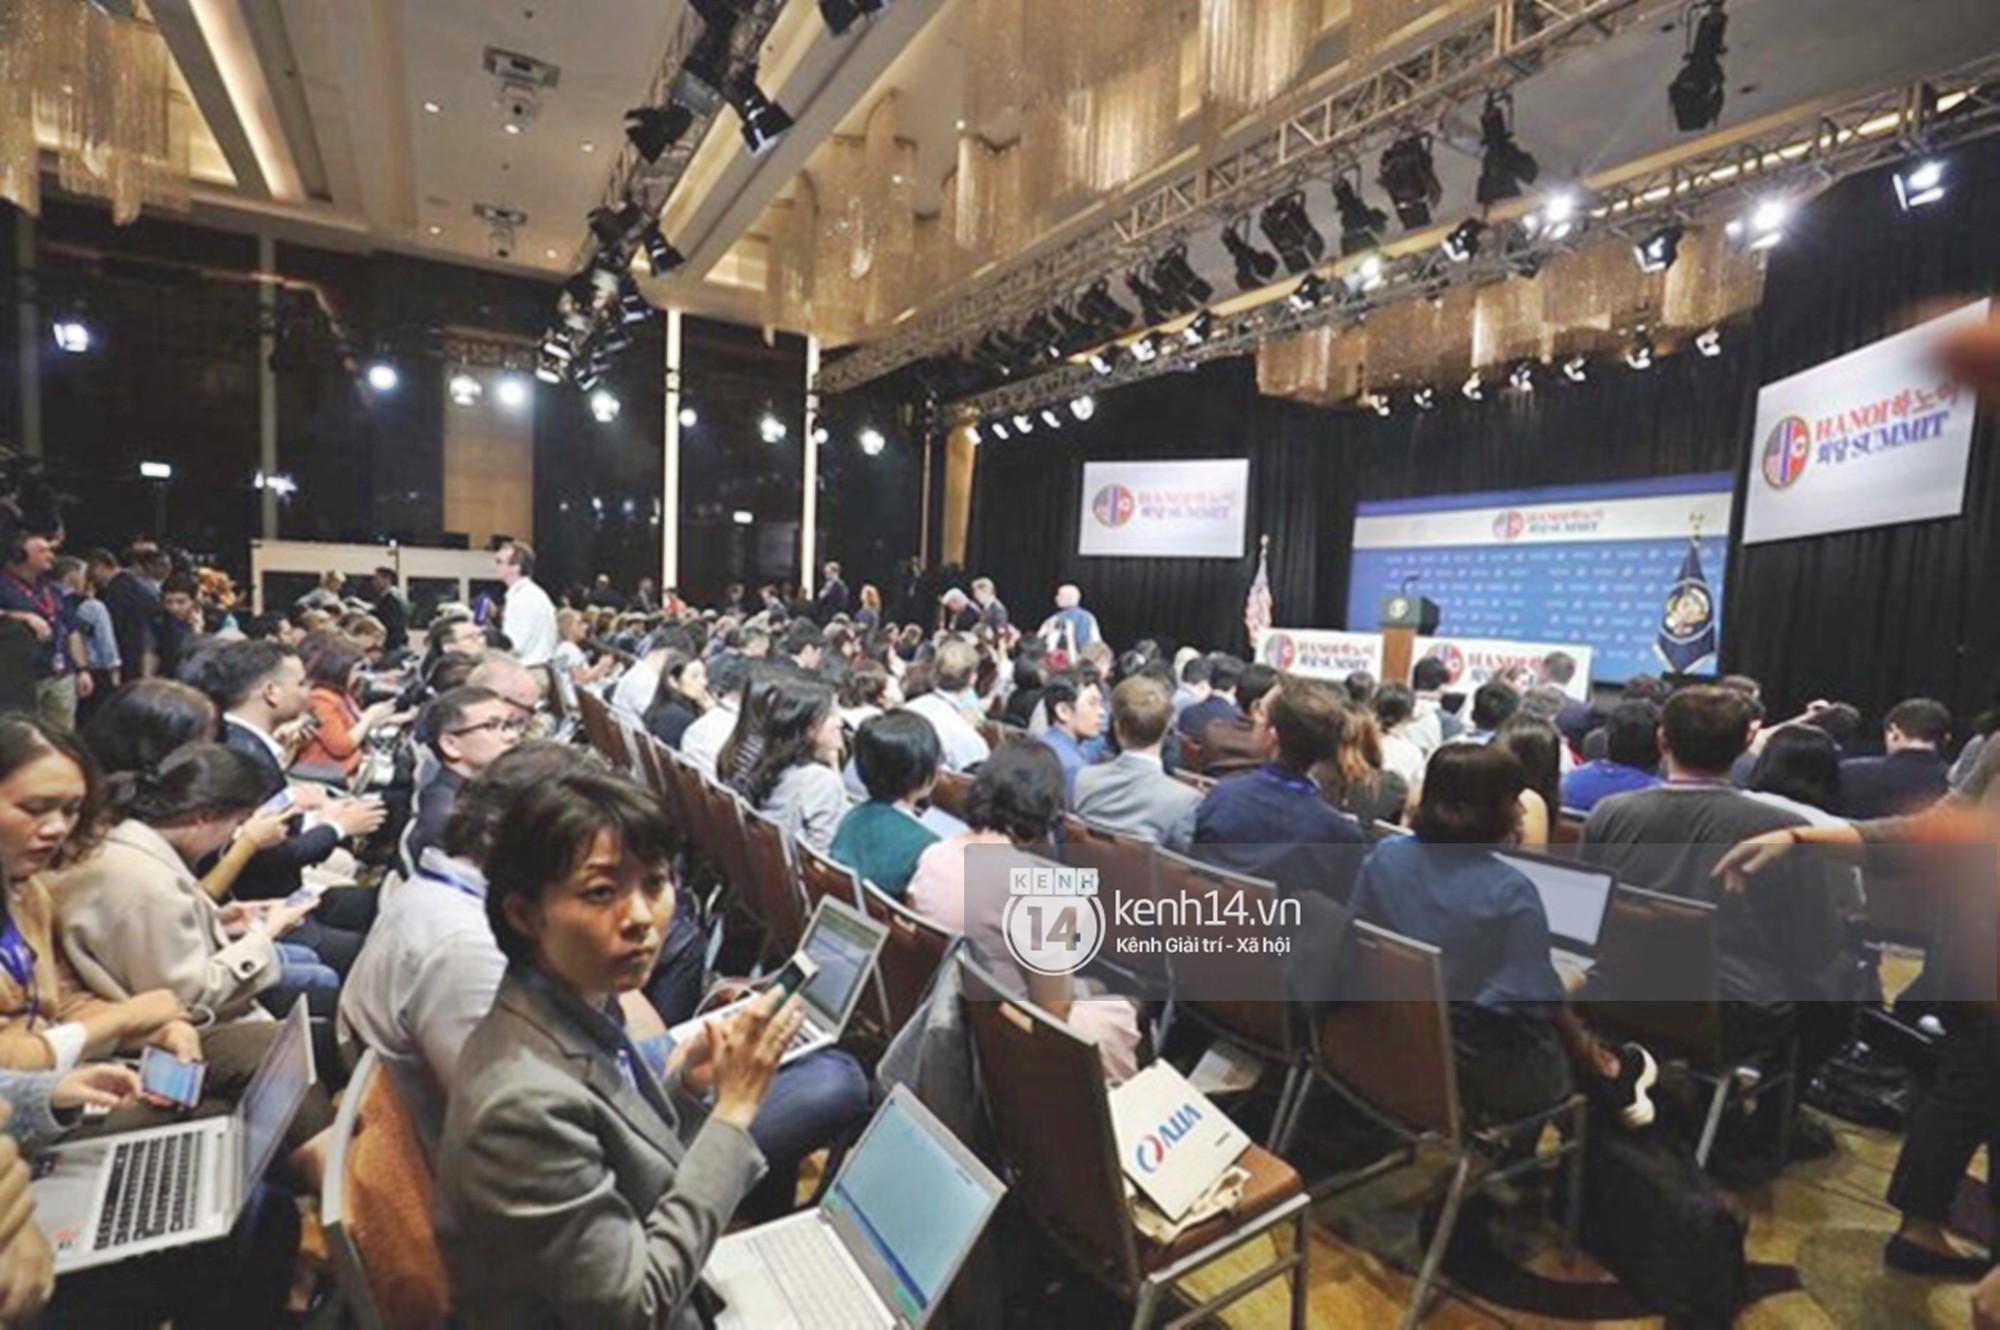 Không đạt được thỏa thuận với Triều Tiên, Tổng thống Trump tiến hành họp báo sớm, chuẩn bị về nước ngay trong chiều 28/2 - Ảnh 2.